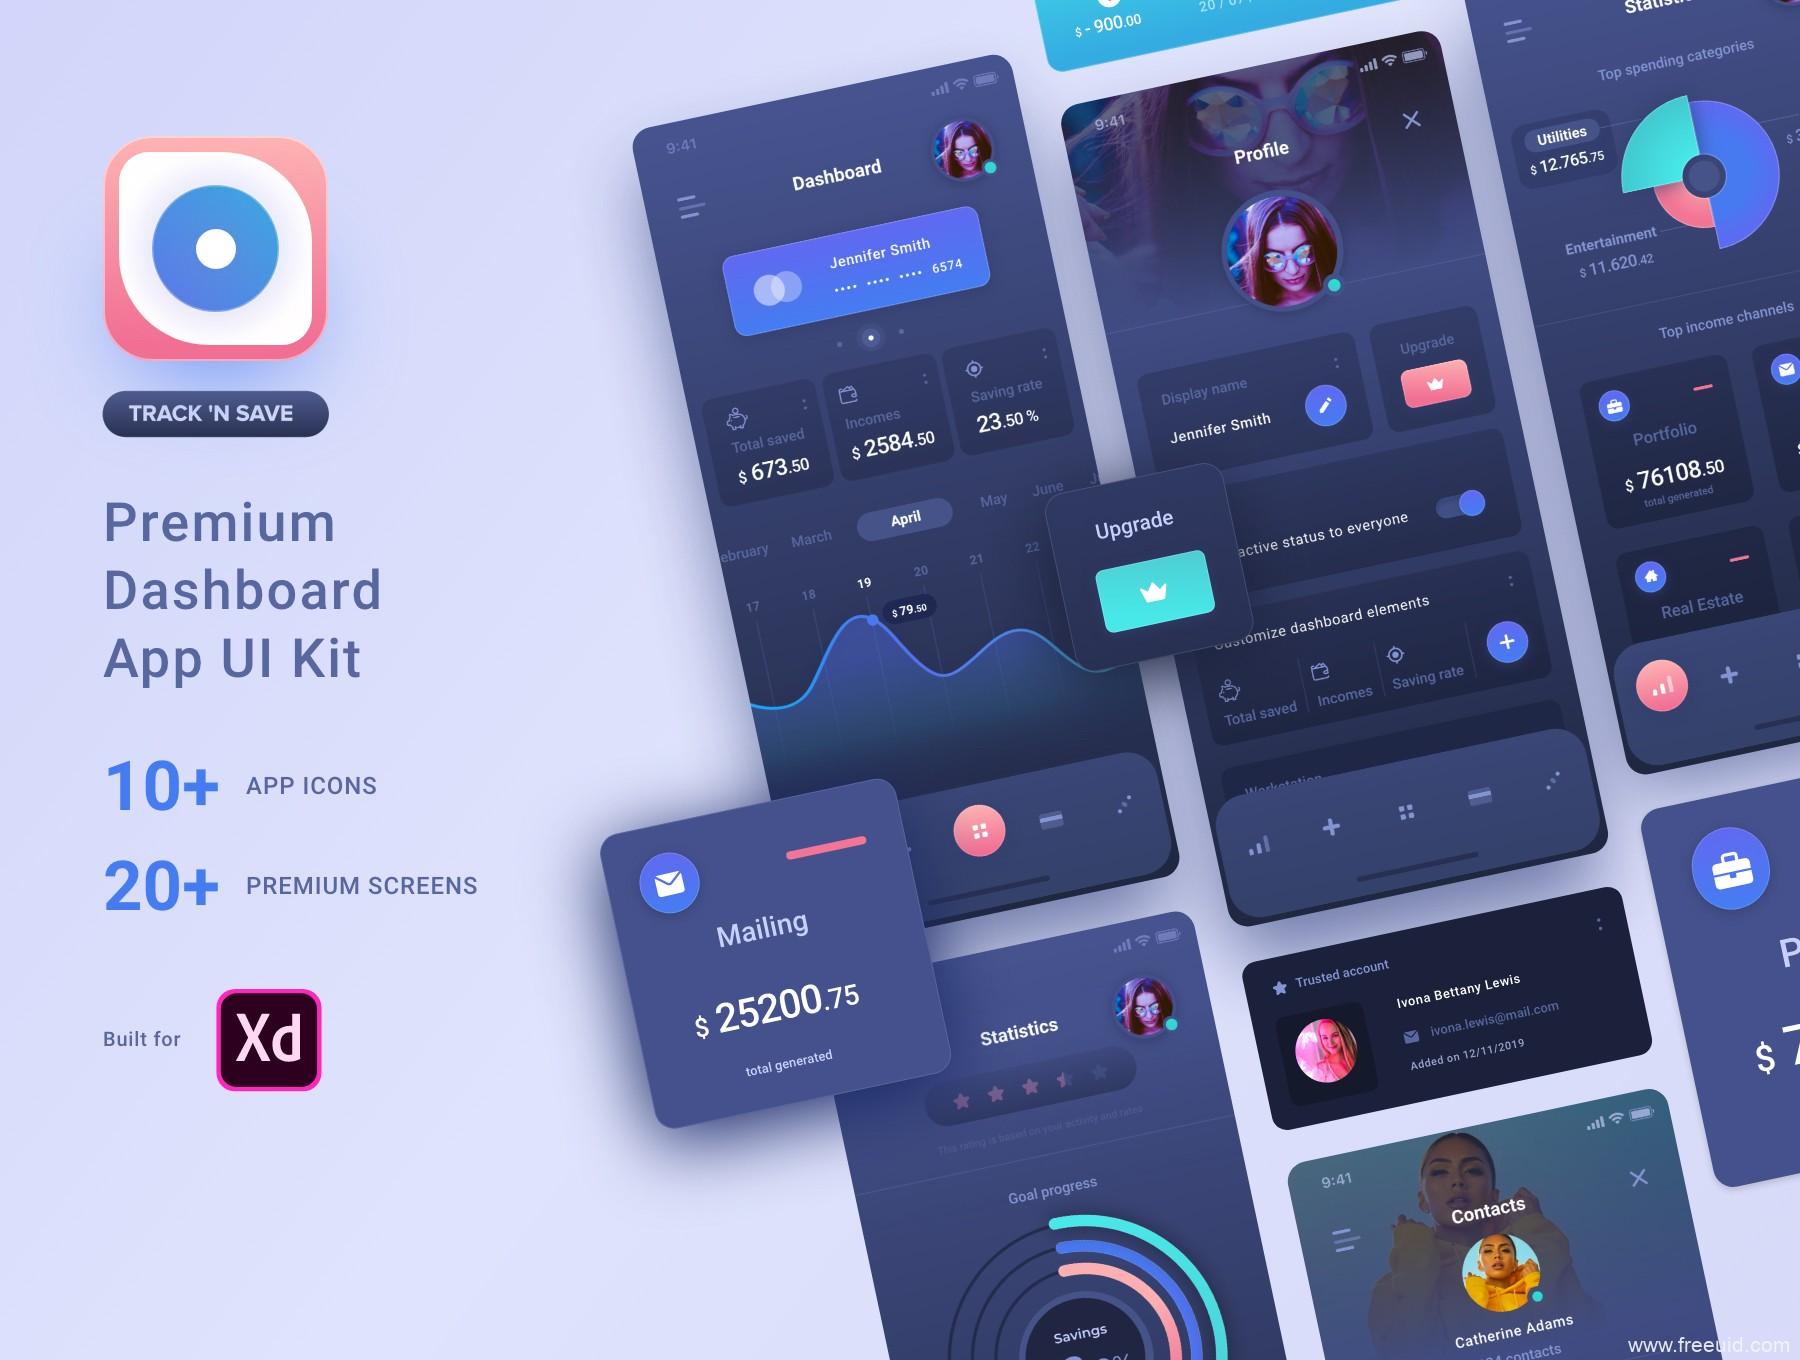 一套暗色风财务app UI源文件下载,财务账单app UI资源xd源文件,金融理财app UI素材下载